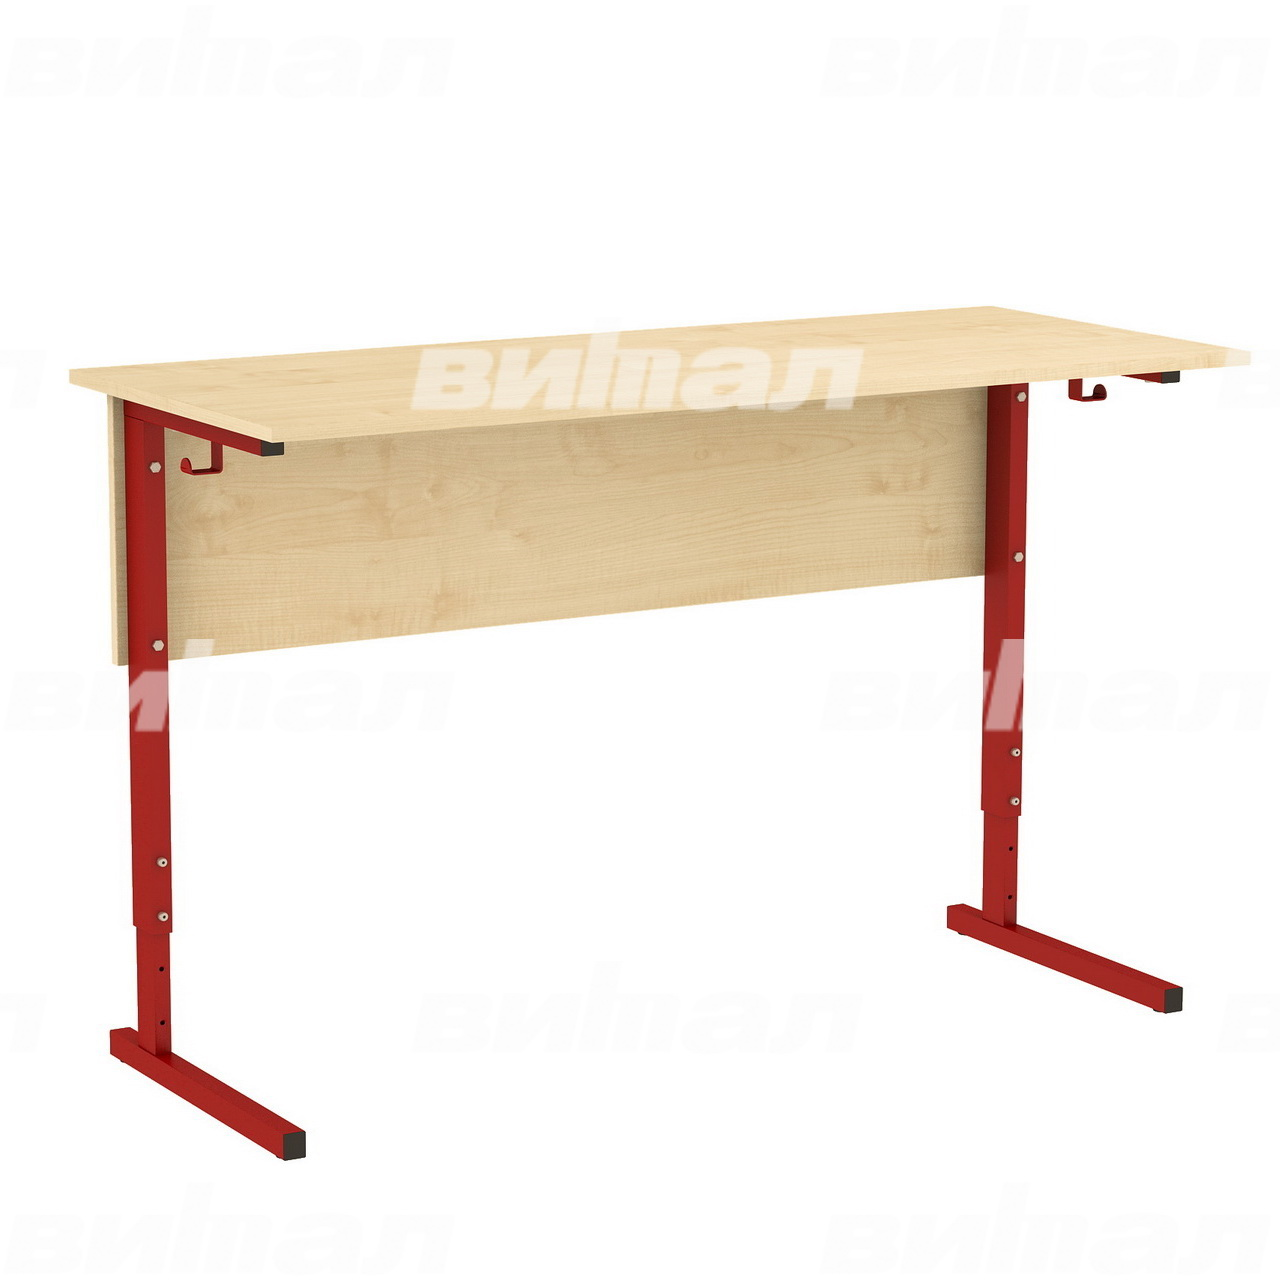 Стол ученический 2-местный регулируемый (гр. 2-4, 3-5 или 4-6) красный Клен 3-5 Меламин